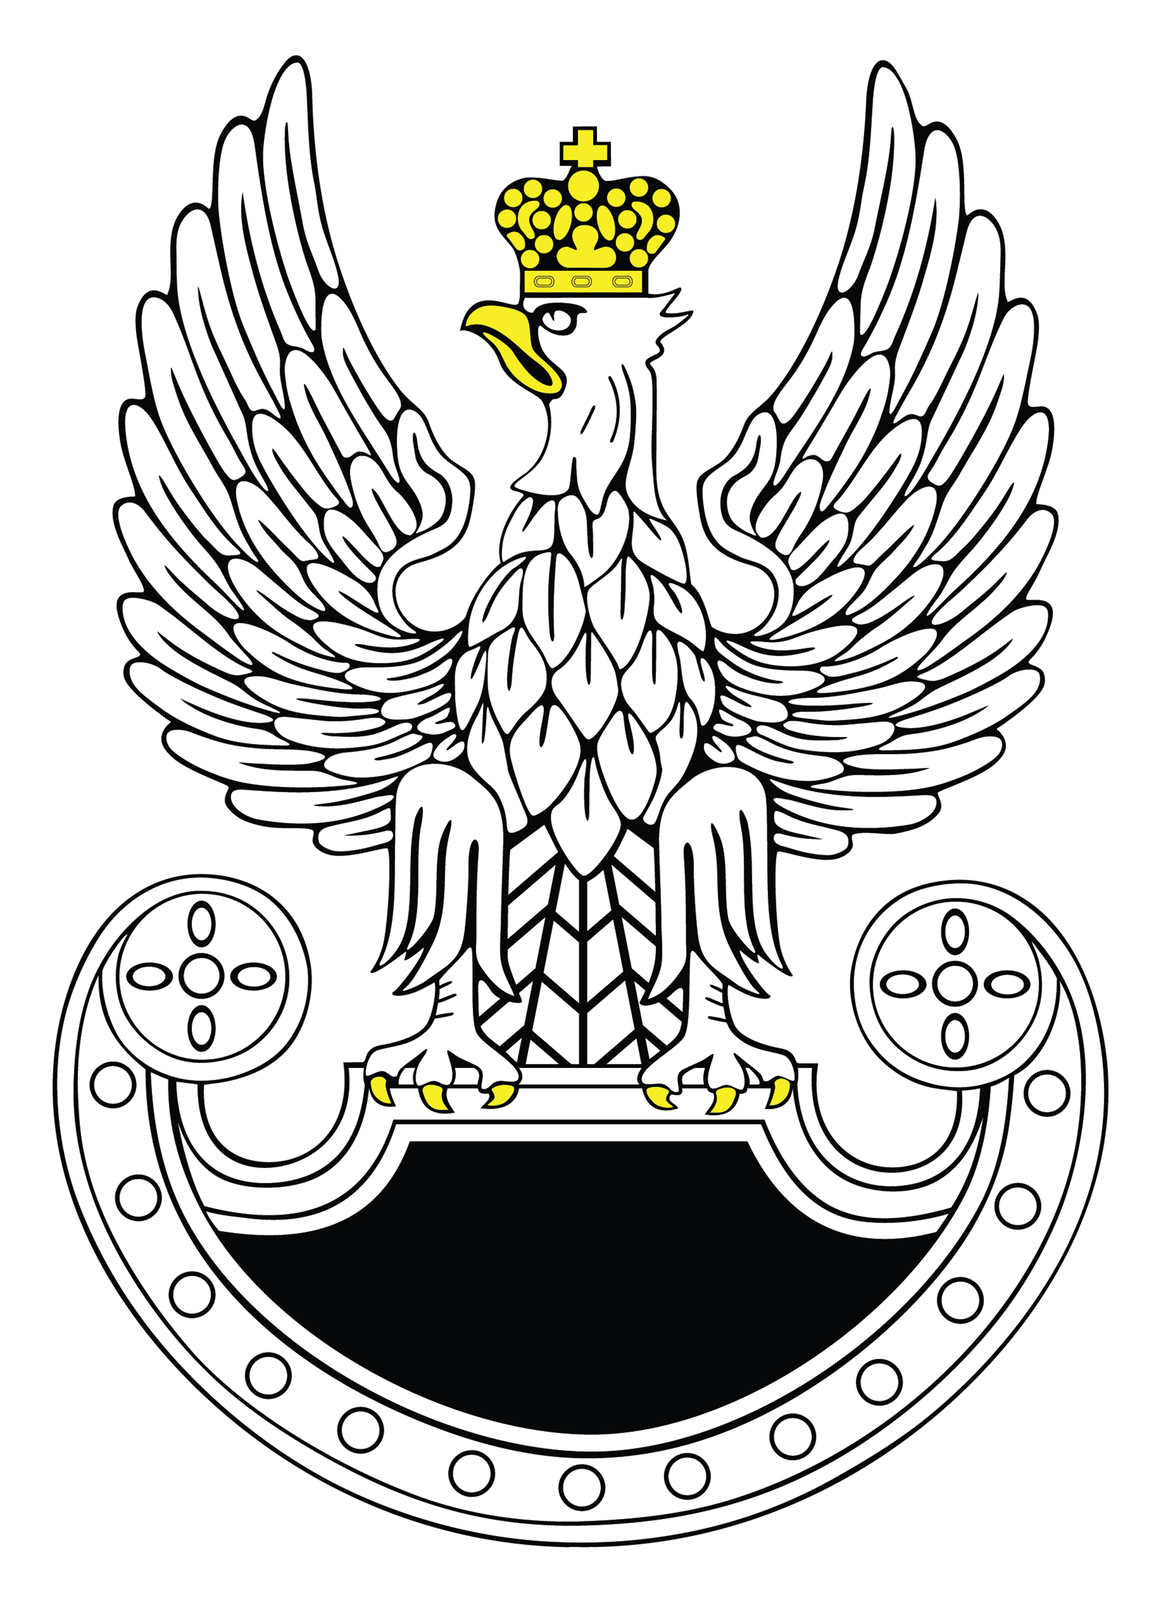 Ilustracja przedstawia symbol wojsk specjalnych stylizowany na godło orła polskiego. Biały orzeł ze skrzydłami wzniesionymi ku górze. Głowa zżółtym dziobem skierowana wprawo. Na głowie żółta korona. Na szczycie korony krzyż równoramienny. Szpony orła zakończone żółtymi pazurami przytrzymują tarczę. Orzeł osadzony jest na tarczy amazonek. Tarcza zakończone półkoliście wdolnej części. Kształt tarczy tworzy formę półksiężyca ułożonego poziomo. Końce tarczy zaokrąglone. Wnętrze tarczy czarne.